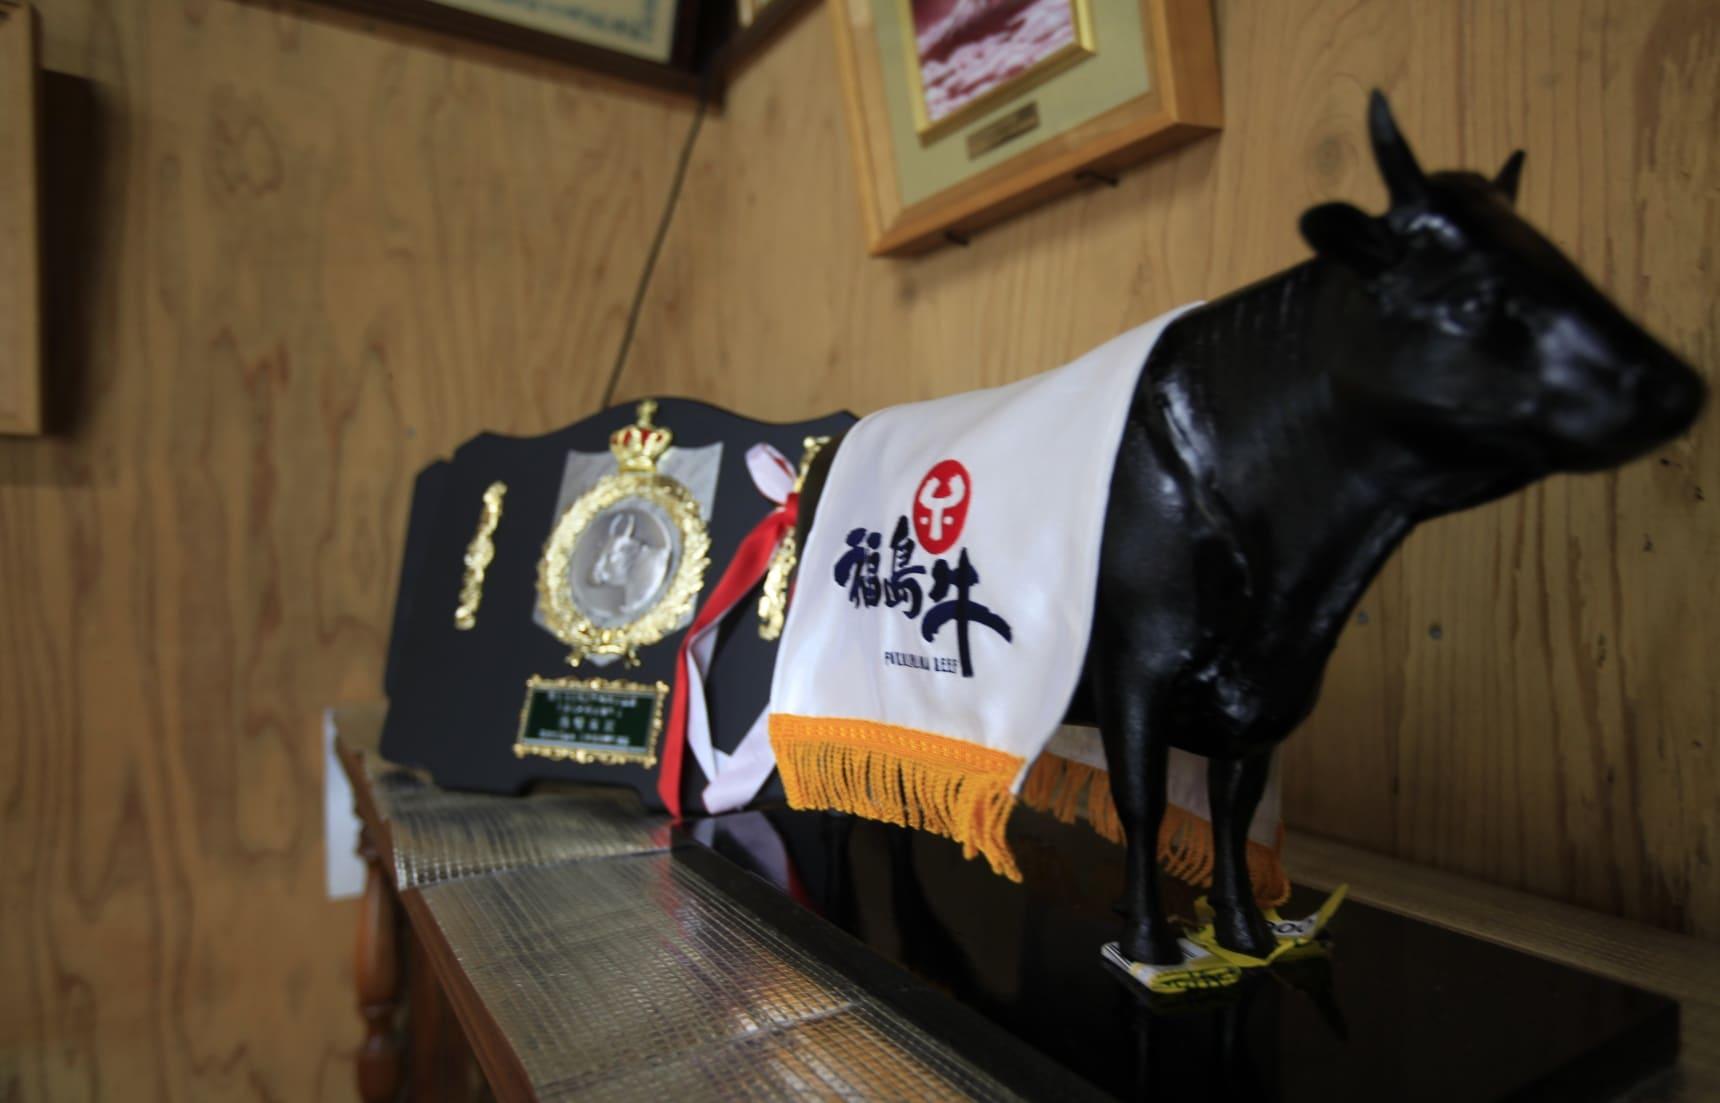 福島牛的心願 好吃的牛肉不必遮掩!